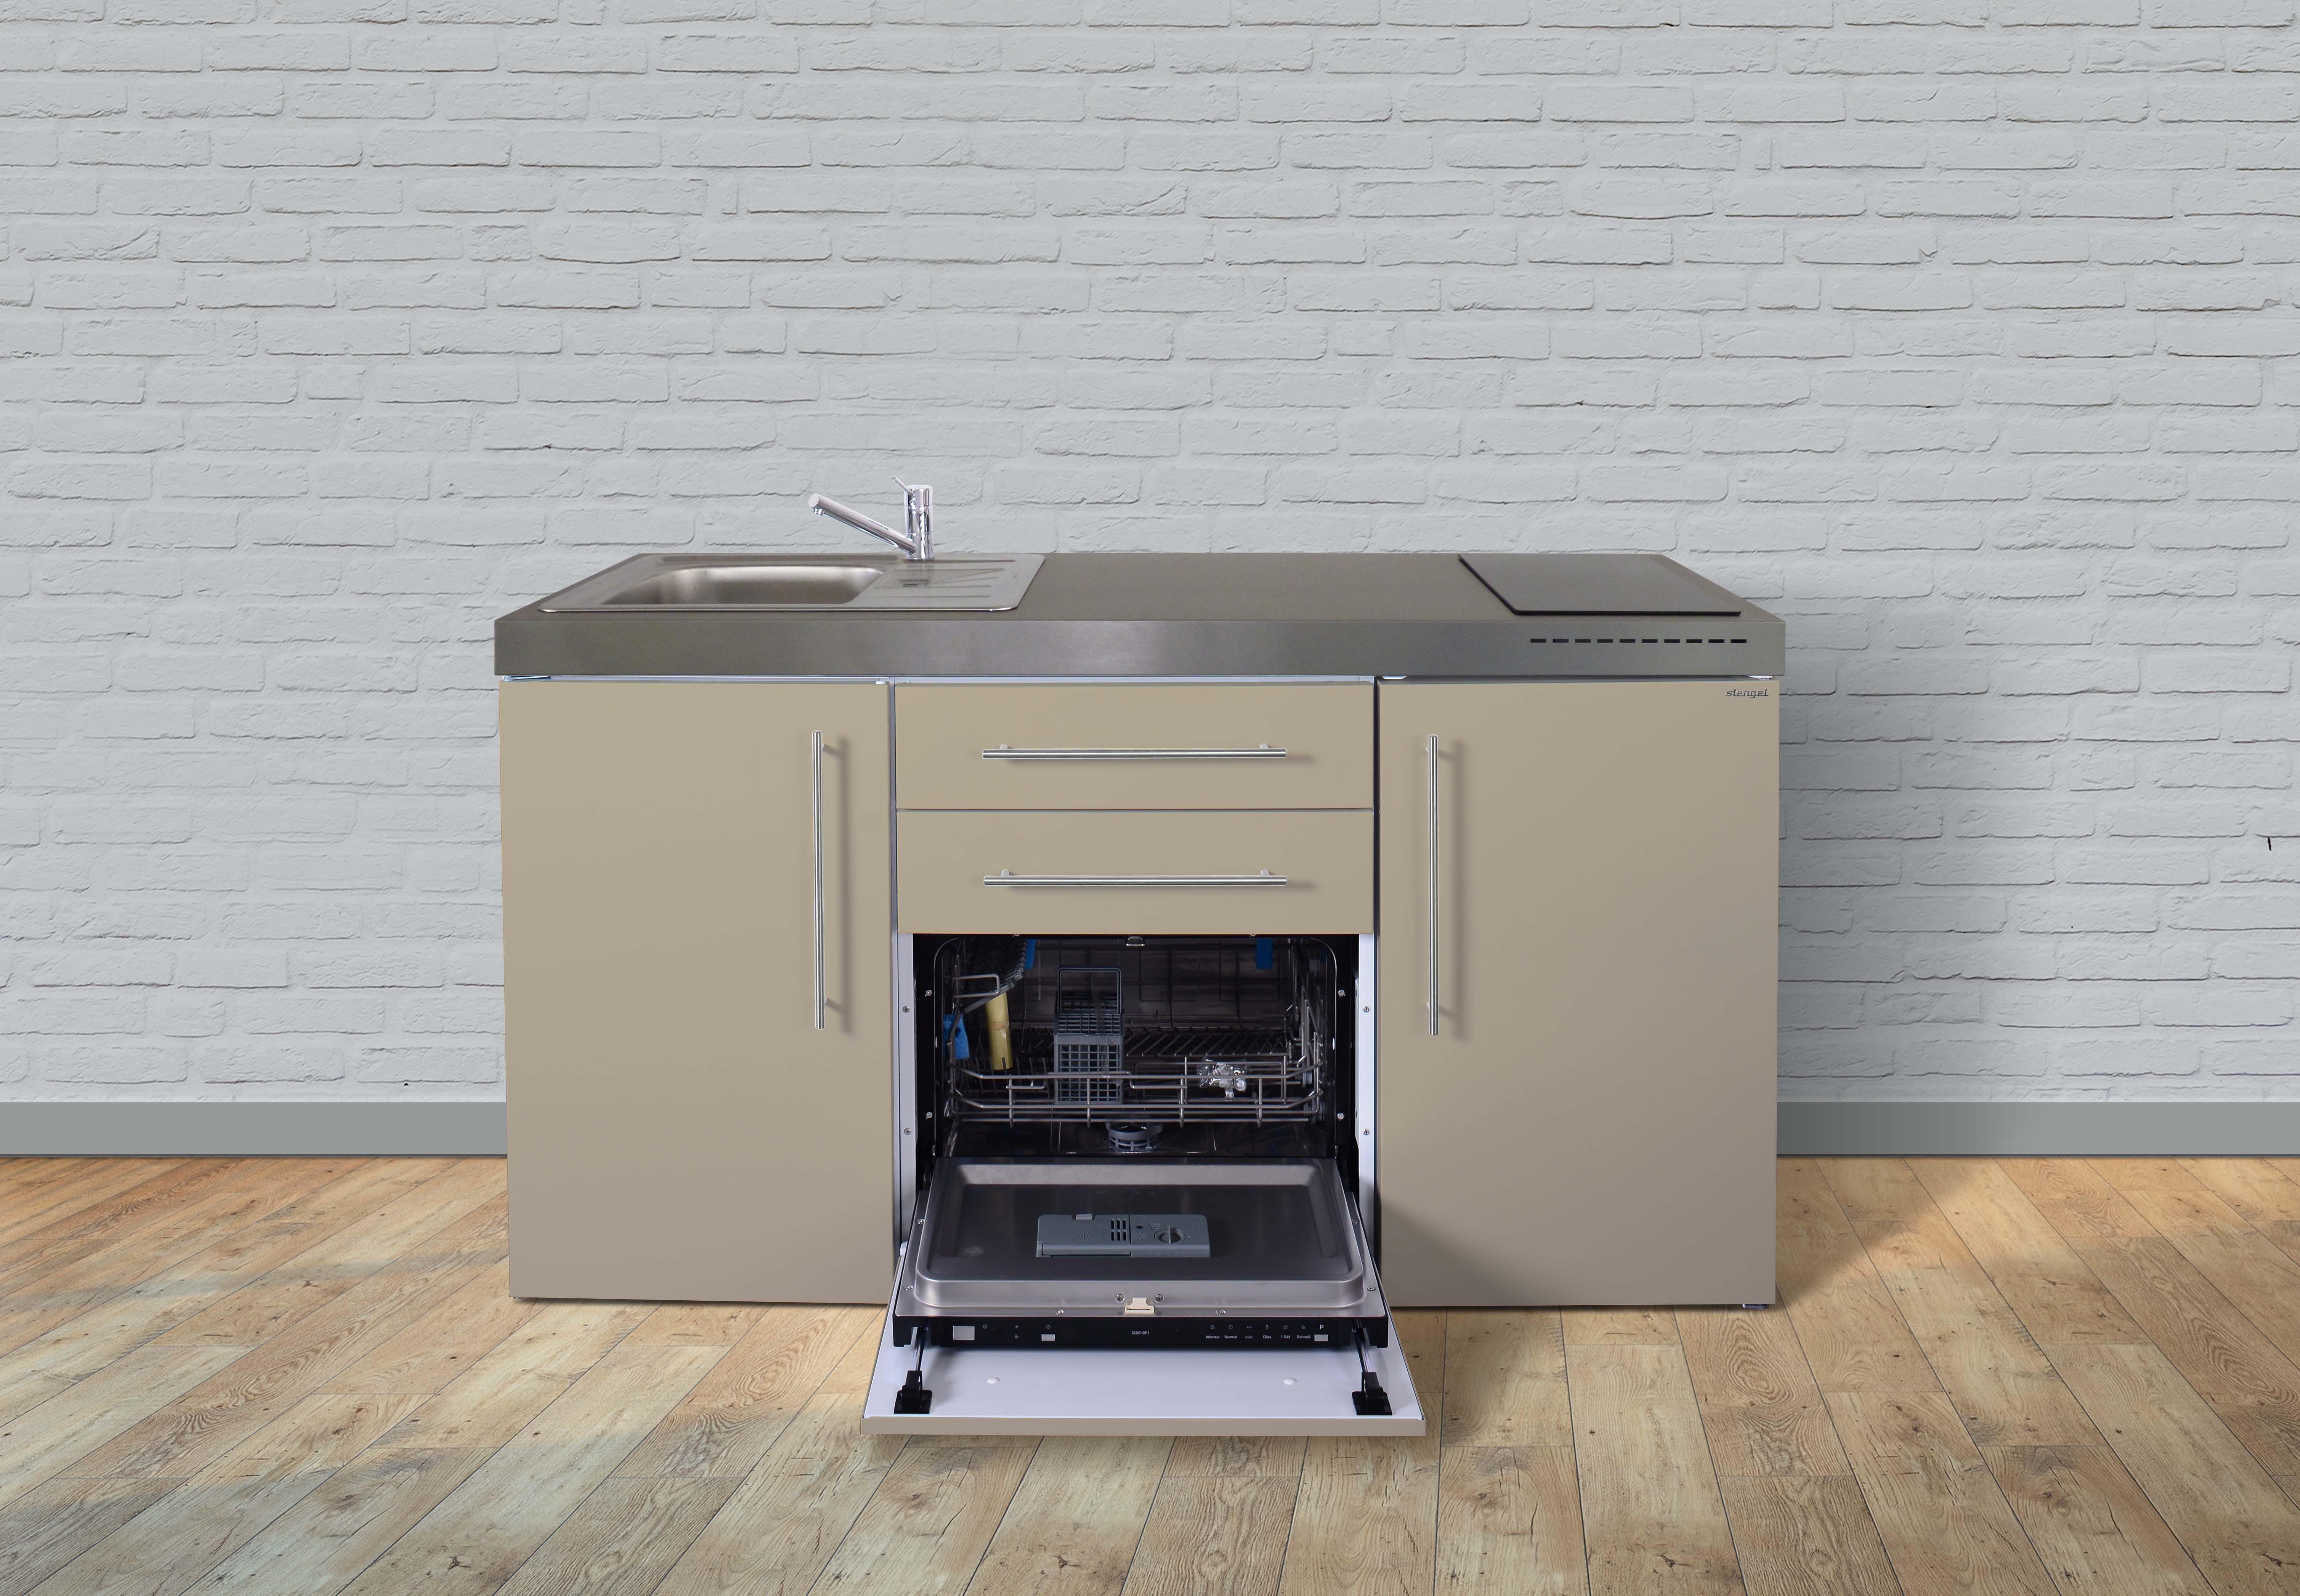 Miniküche Mit Backofen Und Kühlschrank Gebraucht : Stengel metall miniküche premiumline mpgs kühlschrank